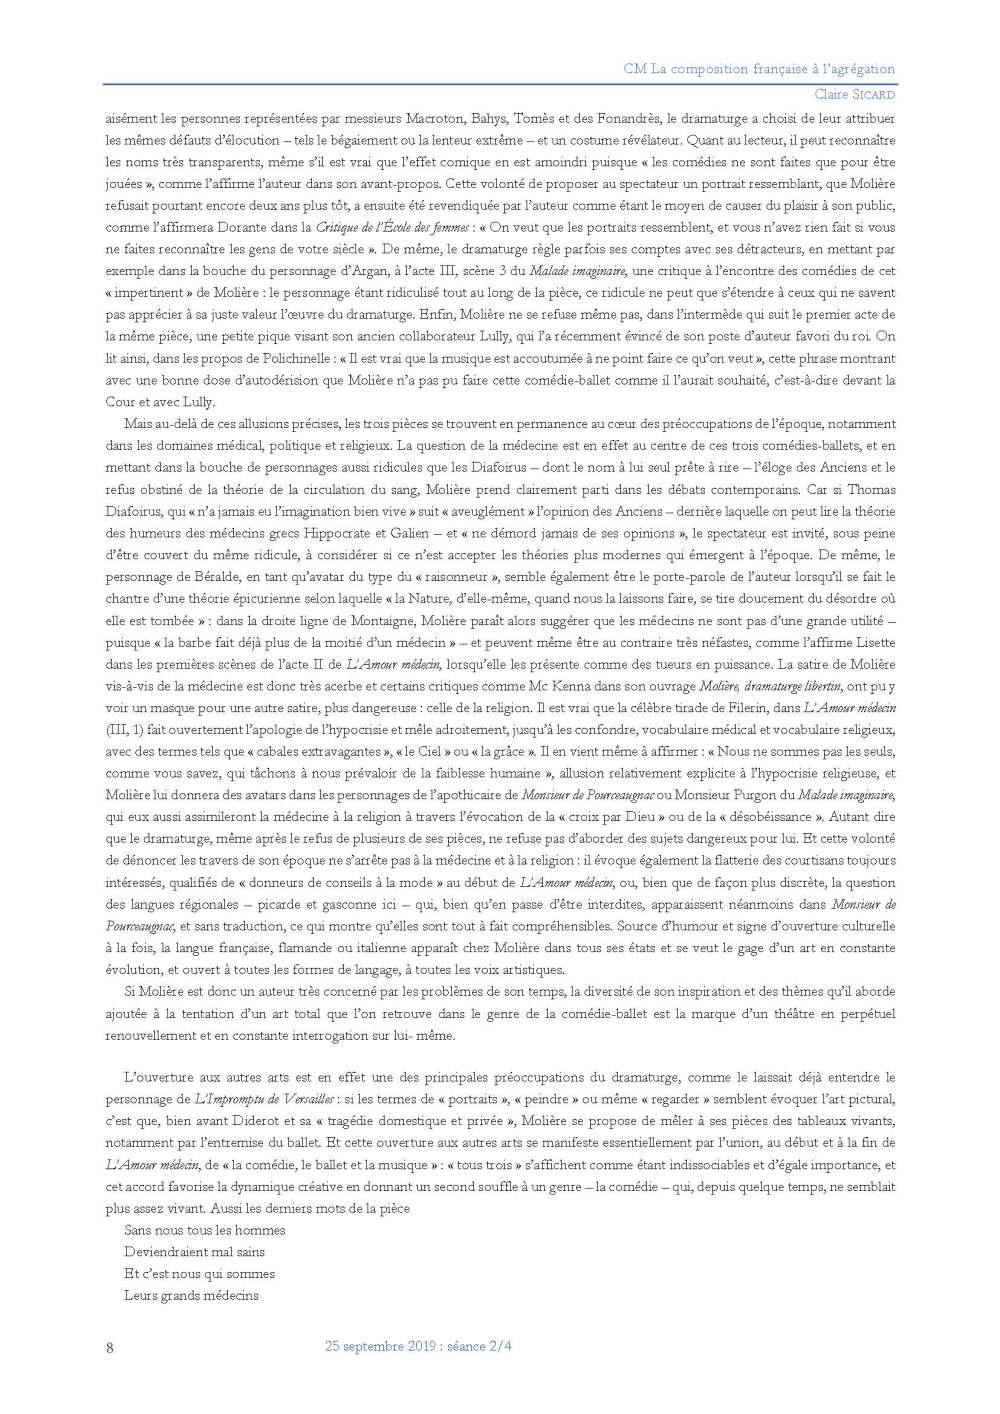 Exemplier_Methodo-dissert_250919_Page_8